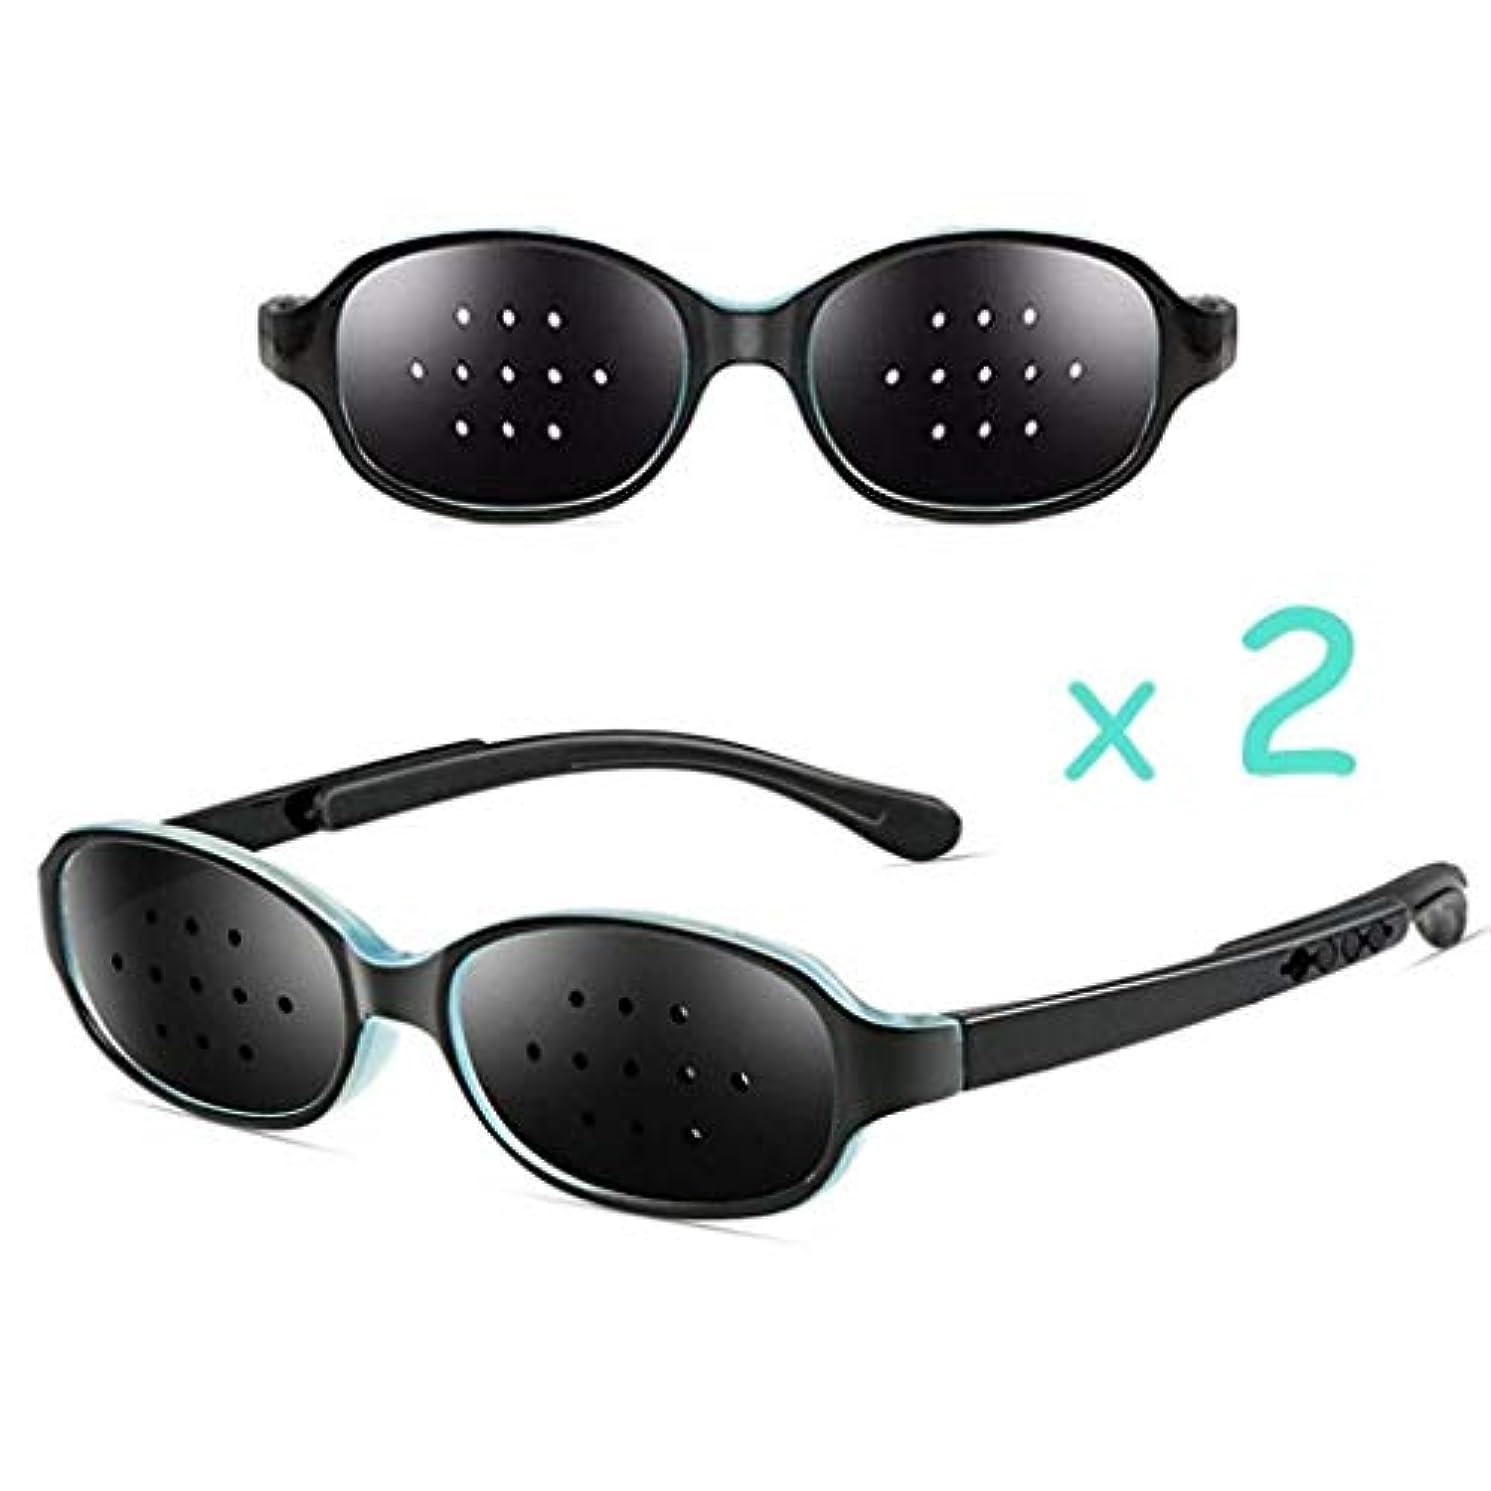 コンドーム測る葉を拾うピンホールメガネ、視力矯正メガネ網状視力保護メガネ耐疲労性メガネ近視の防止メガネの改善 (Color : Blue Black)